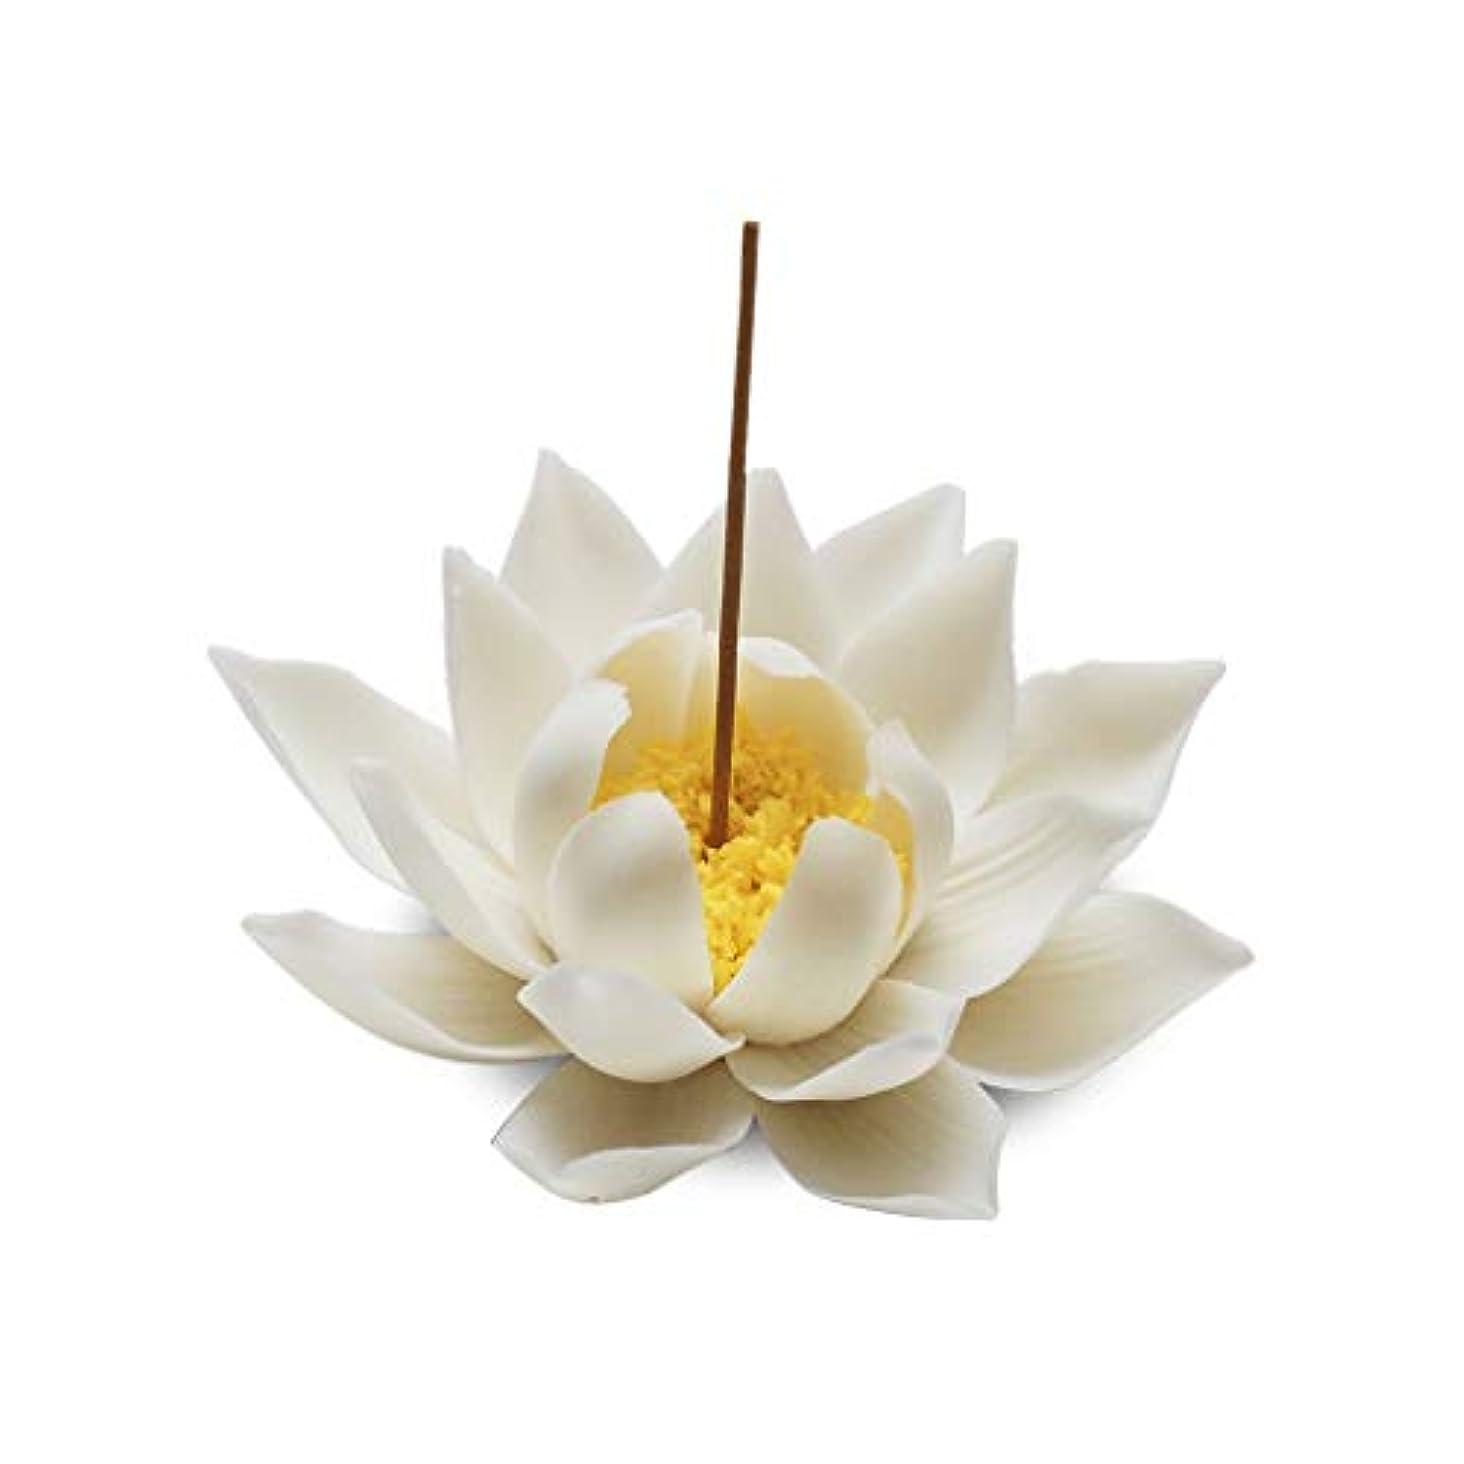 不正直騒敵対的クリエイティブホーム蓮セラミック香バーナー挿入装飾品屋内ラインコイル香炉白檀香ホルダー (サイズ : 3.54*1.37inchs)